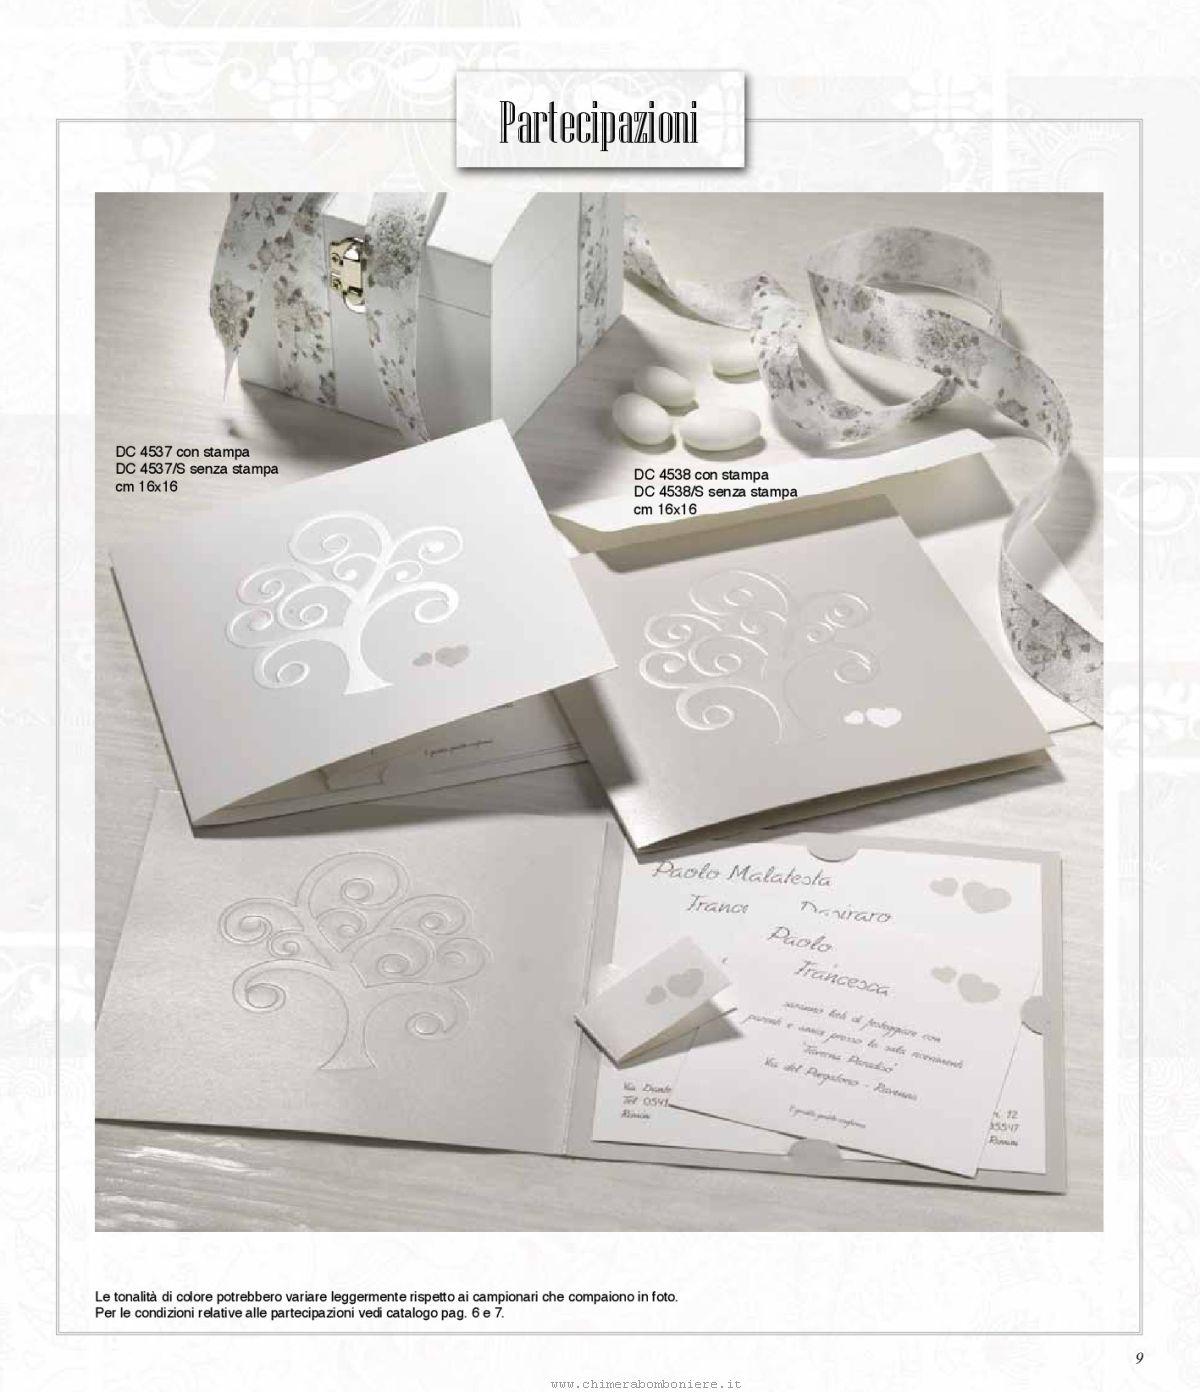 Partecipazioni Matrimonio 2018.Partecipazioni Matrimonio Debora Carlucci 2018 009